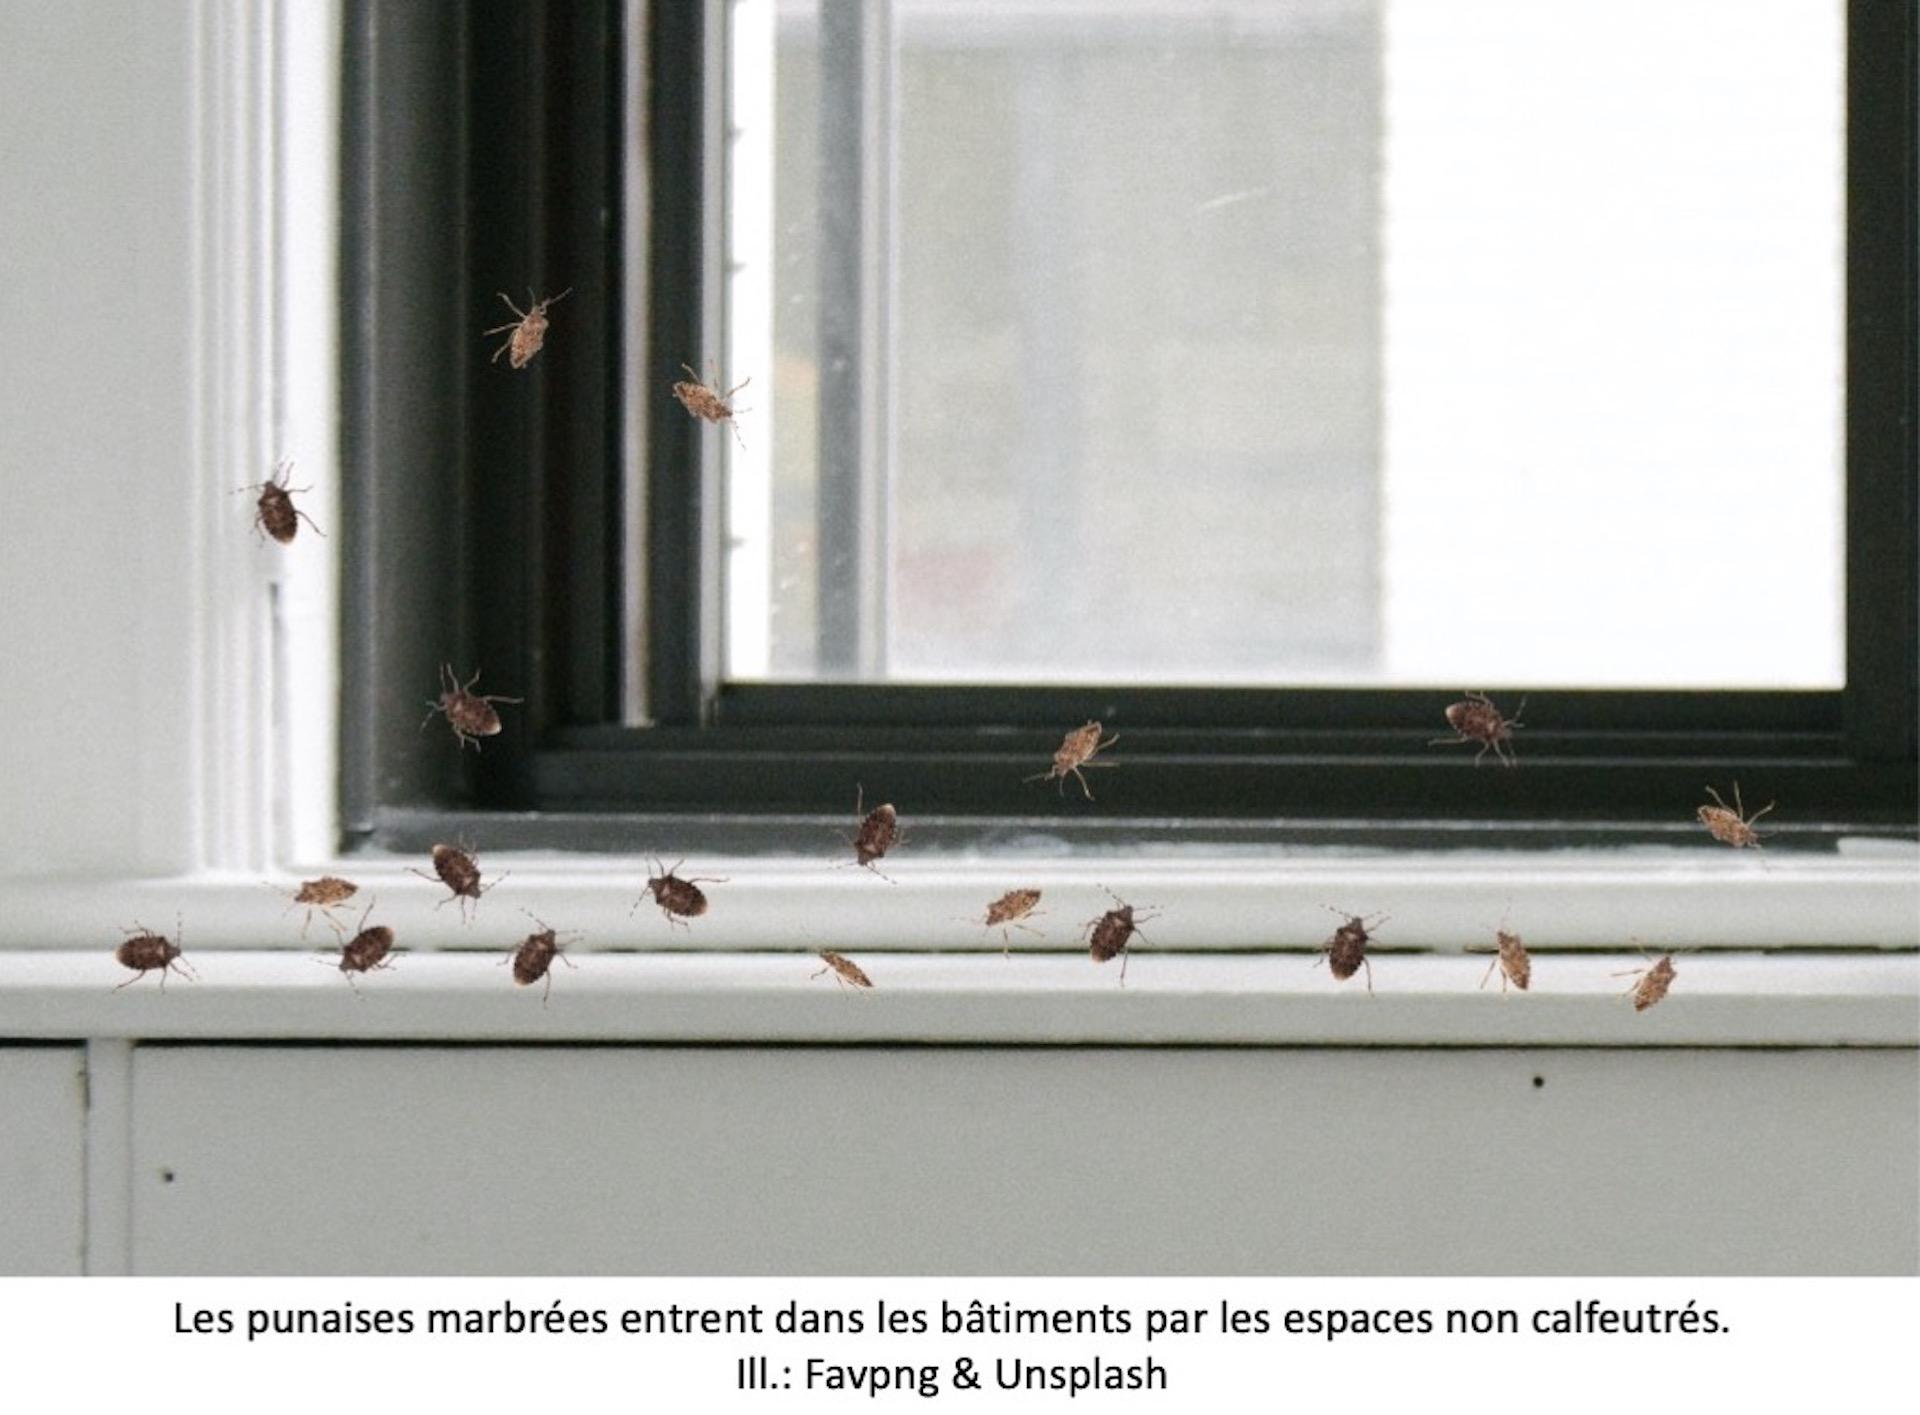 Punaises marbrées à la base d'une fenêtre.